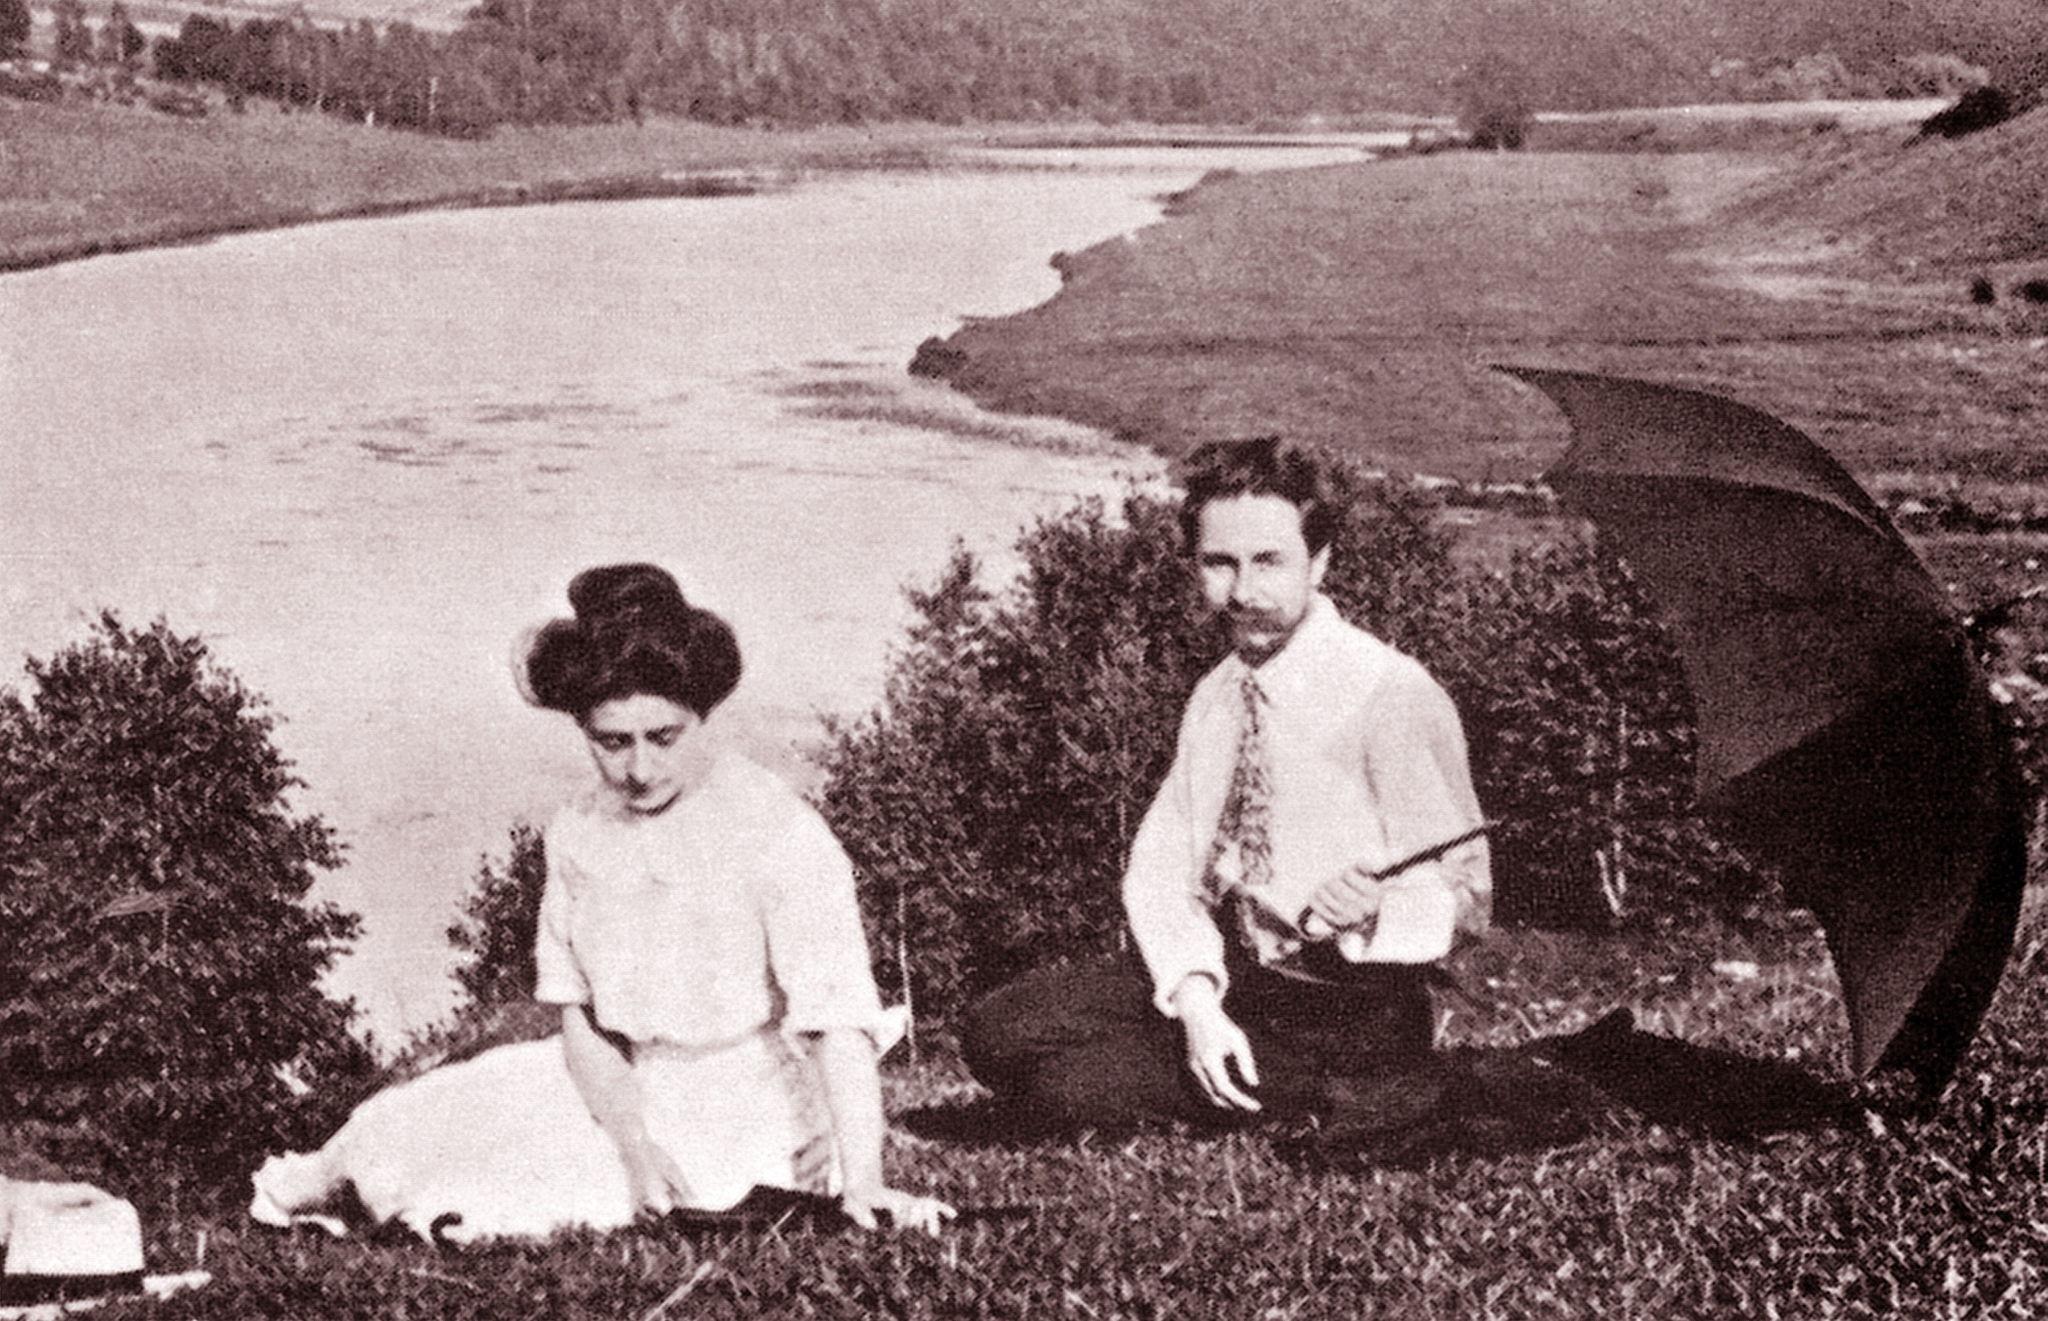 1912. Александр Скрябин и его вторая жена Татьяна Шлёзер на берегу Оки.